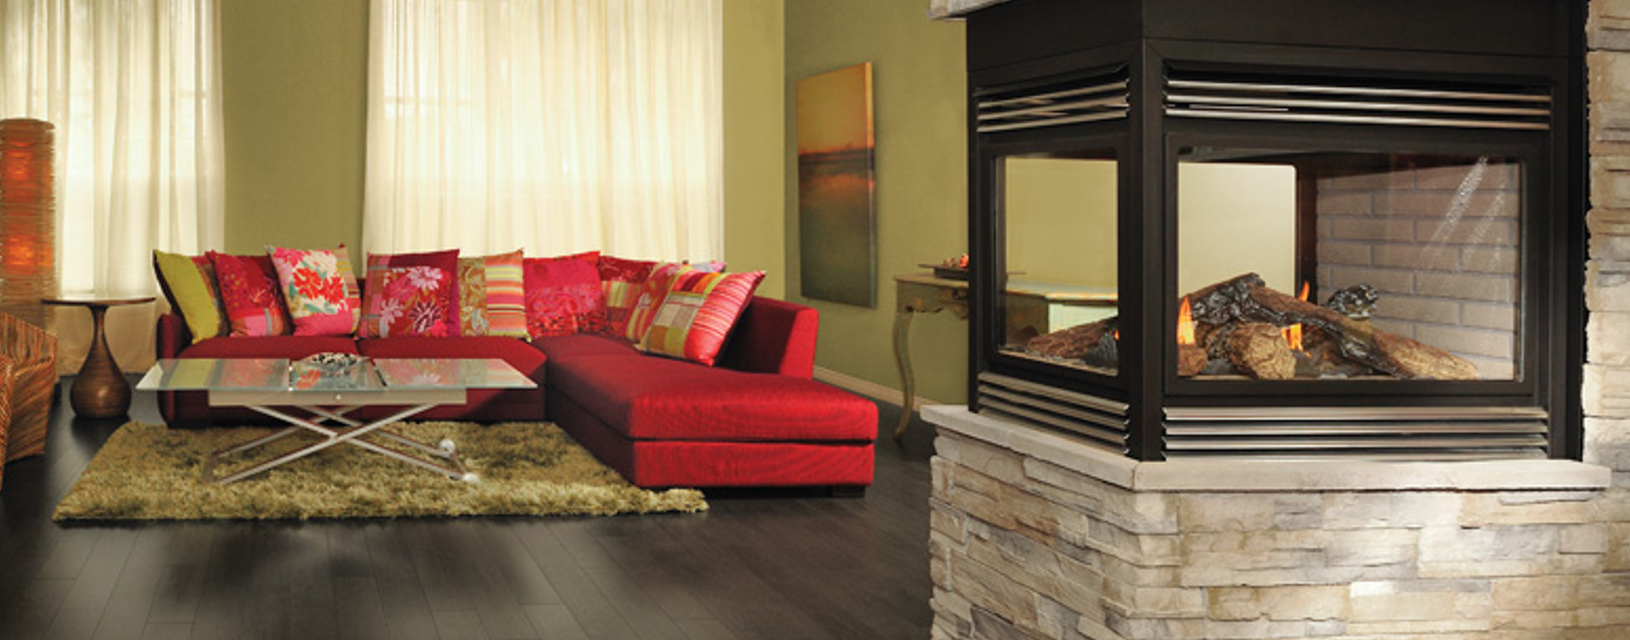 Kreative Wohnraumgestaltung mit unterschiedlichen Farbkonzepten